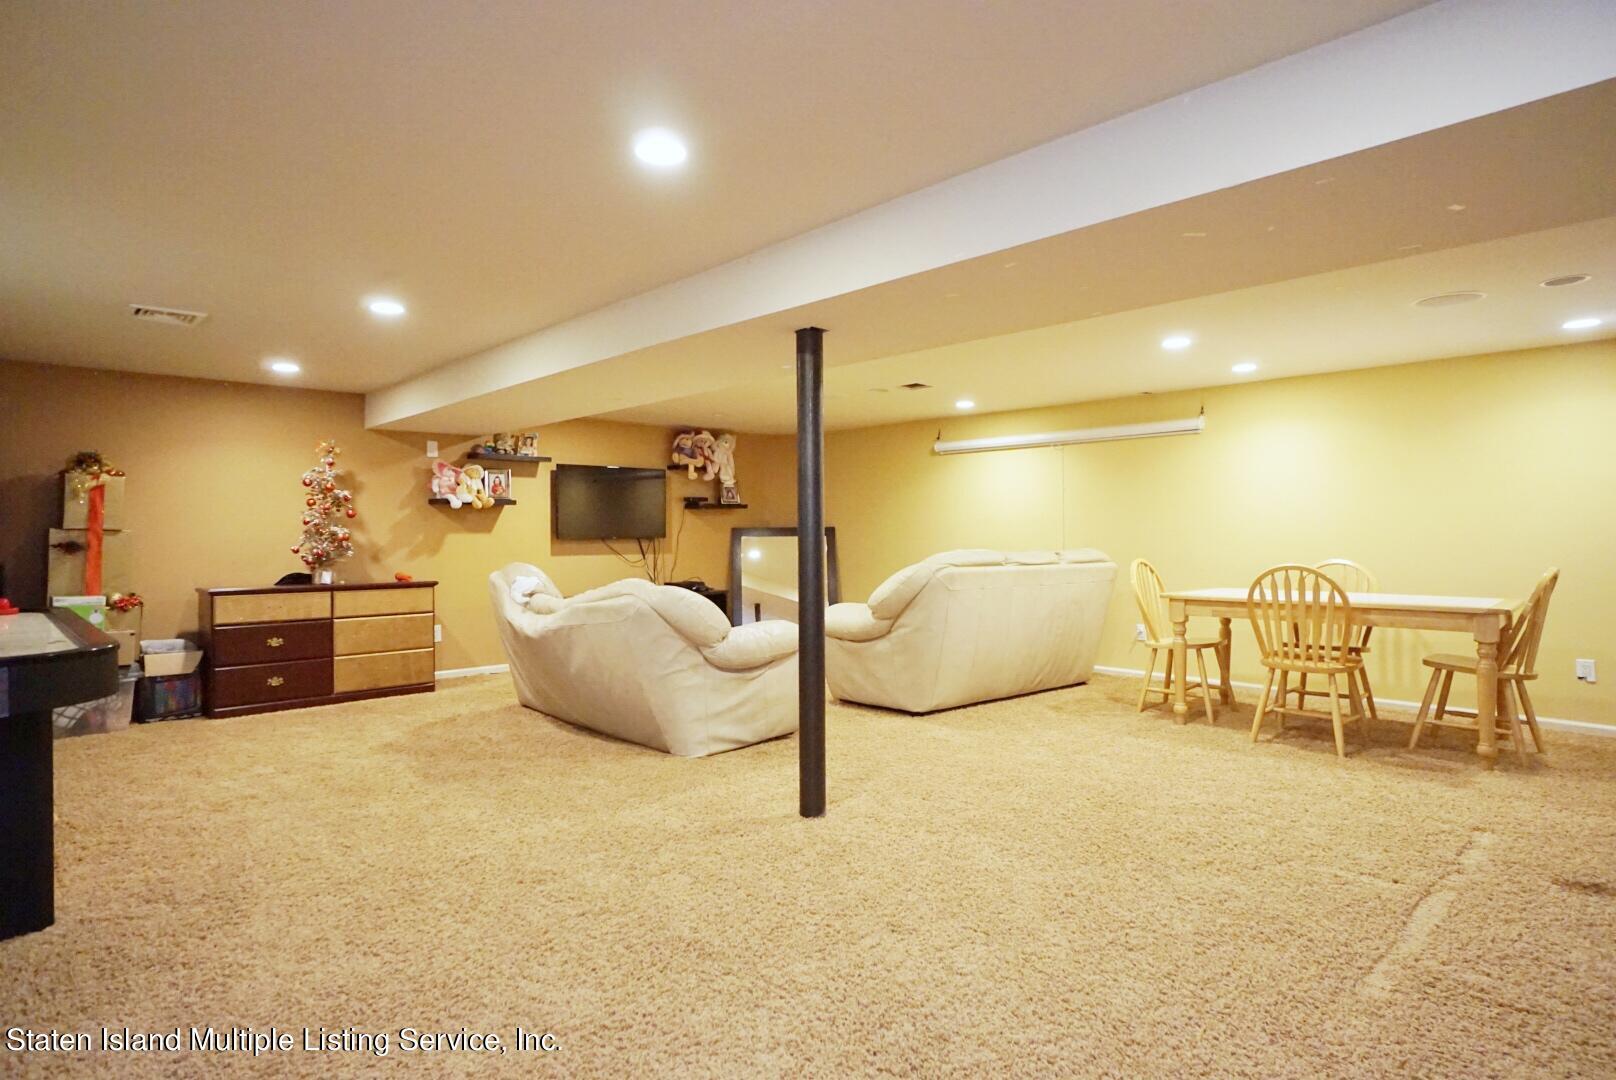 Single Family - Detached 206 Ramapo Avenue  Staten Island, NY 10309, MLS-1147193-34